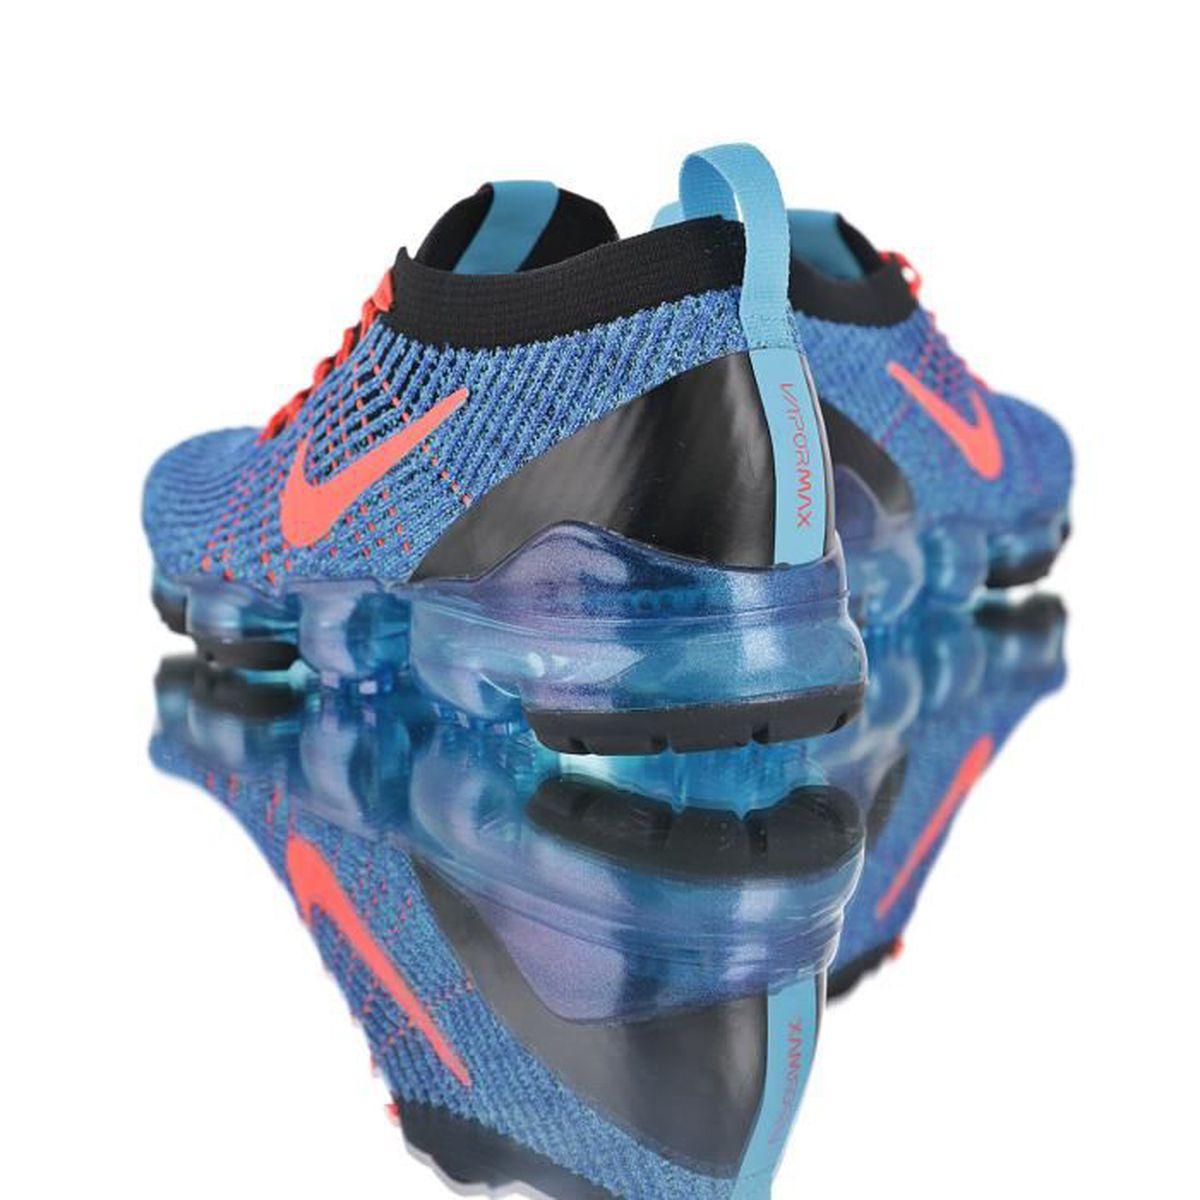 Baskets Nike Air VaporMax Flyknit W 3.0 Bleu Rose Homme et Femme ...